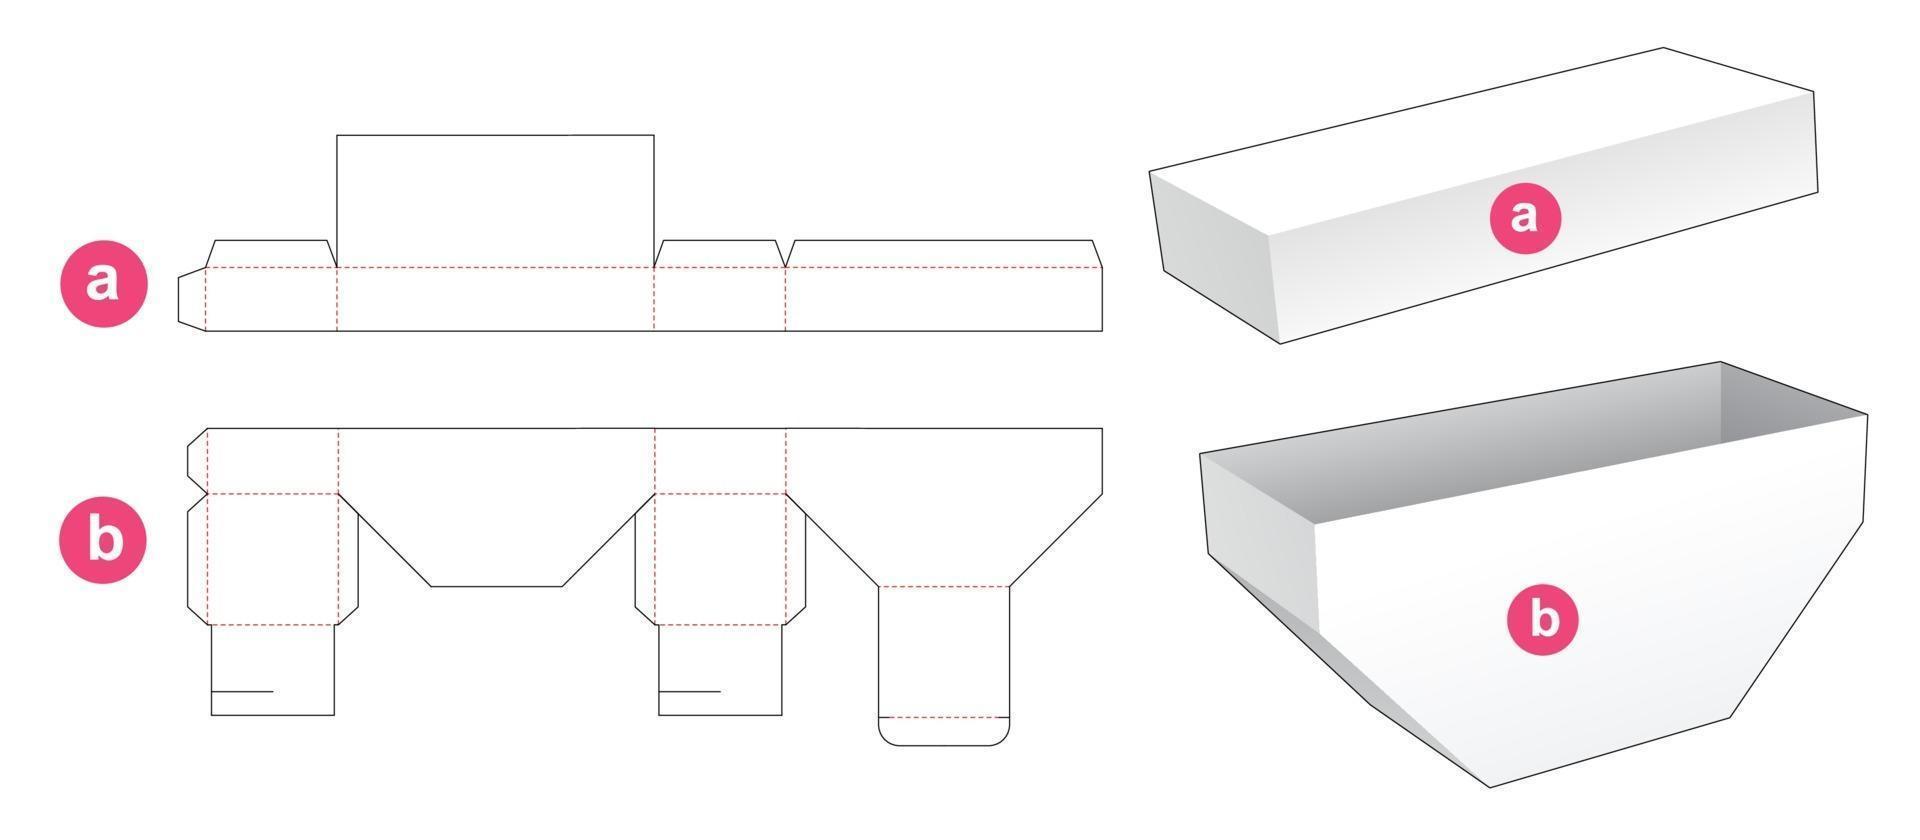 caixa chanfrada inferior com molde de tampa cortada vetor